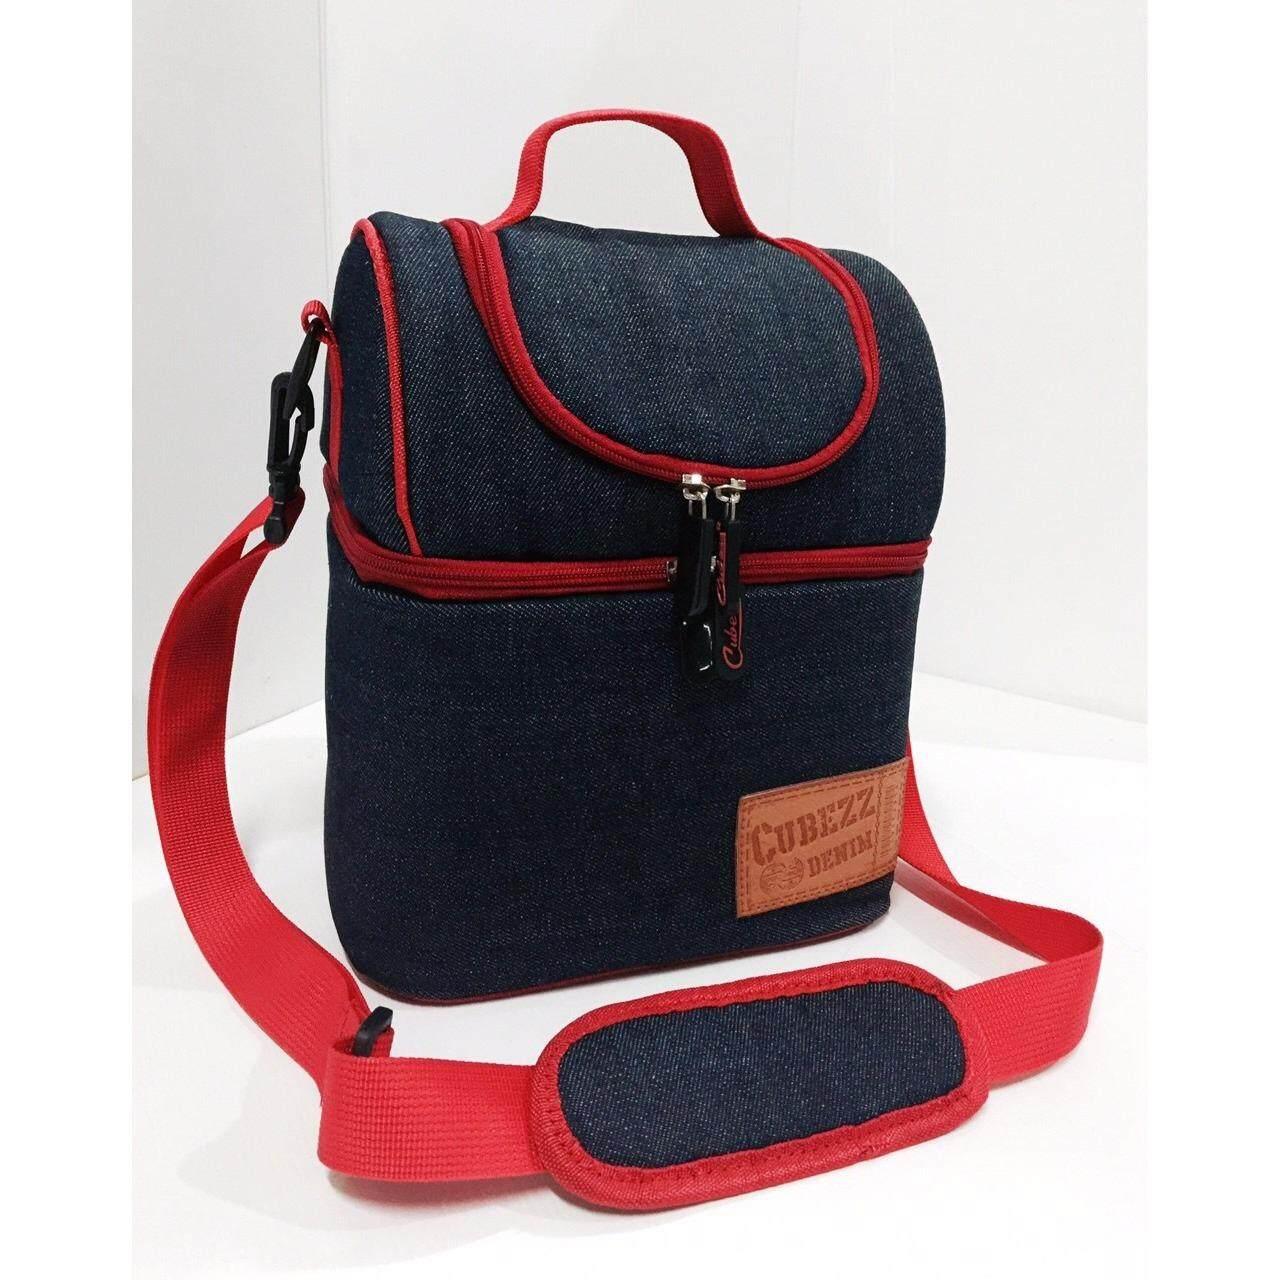 Cubezz กระเป๋าเก็บความเย็น 2 ชั้น ผ้ายีนส์ฟอก สีดำ เป็นต้นฉบับ